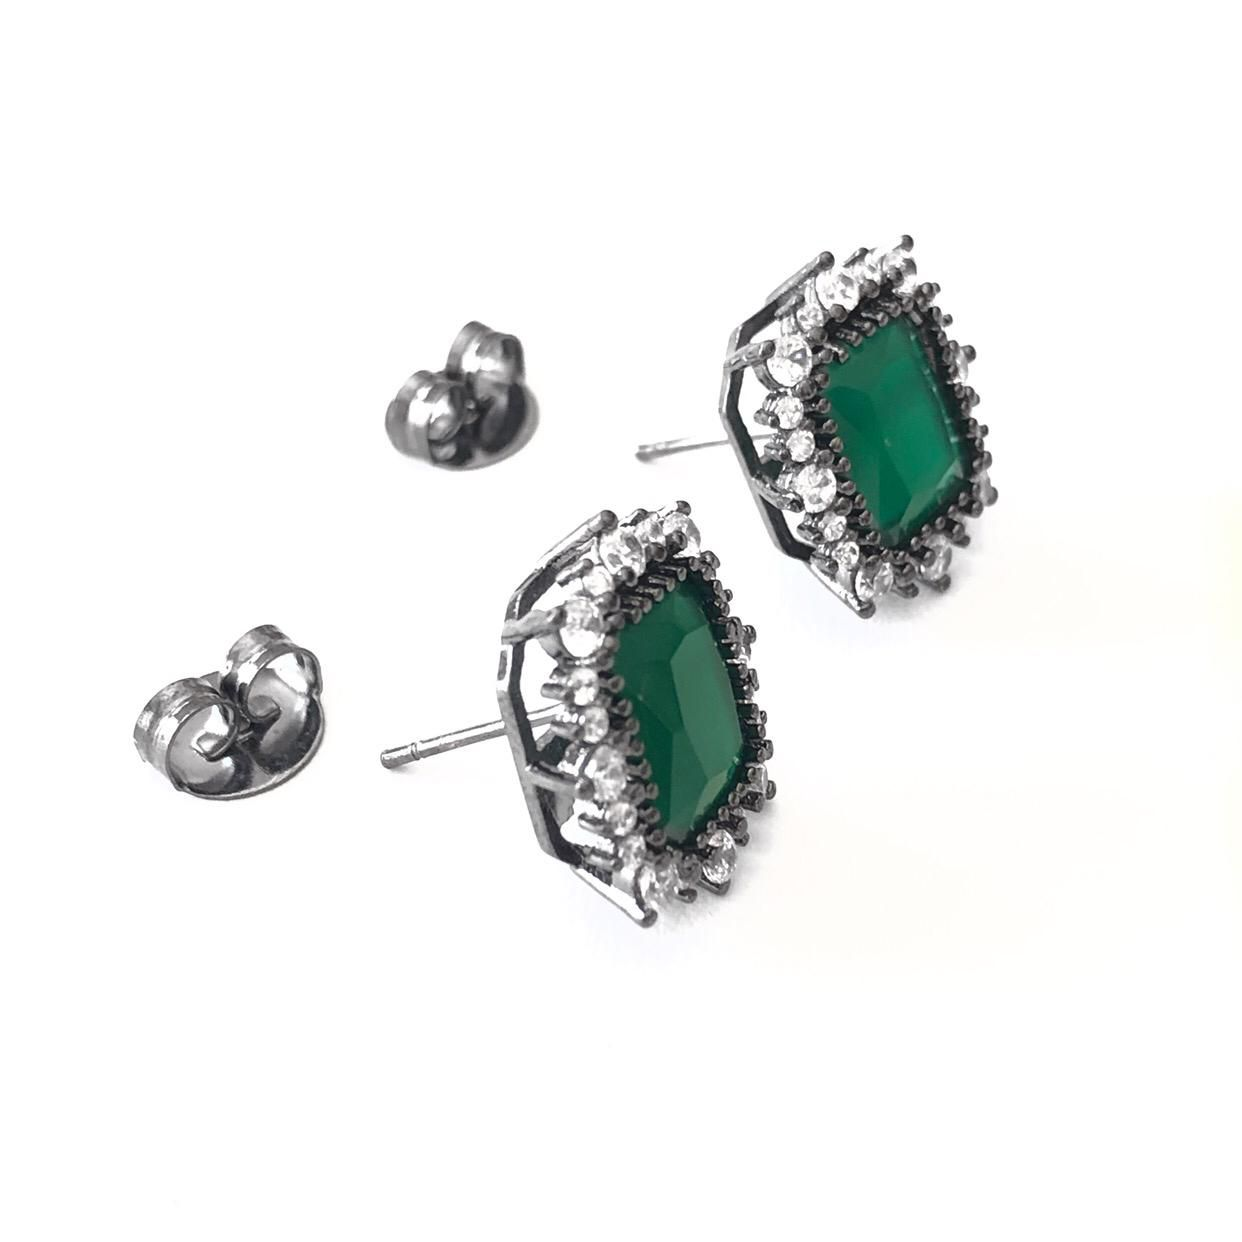 Brinco Quadrado Zircônia Verde Esmeralda Borda Cravejada com Zircônias Brancas Banho em Ródio Negro